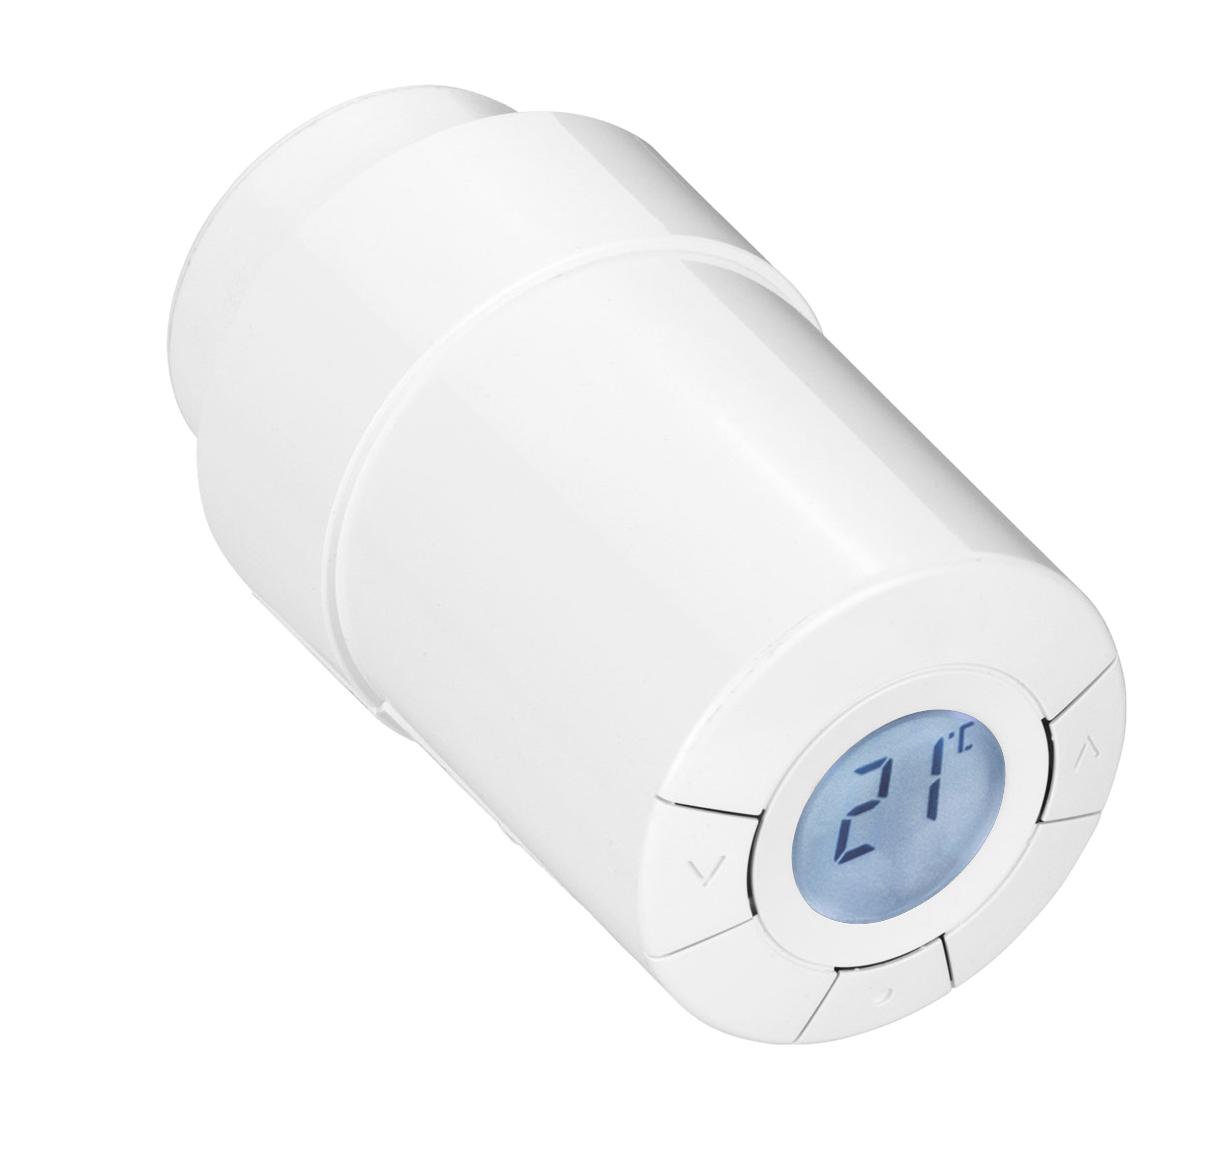 Popp termostatická hlavice na radiátor (010101)